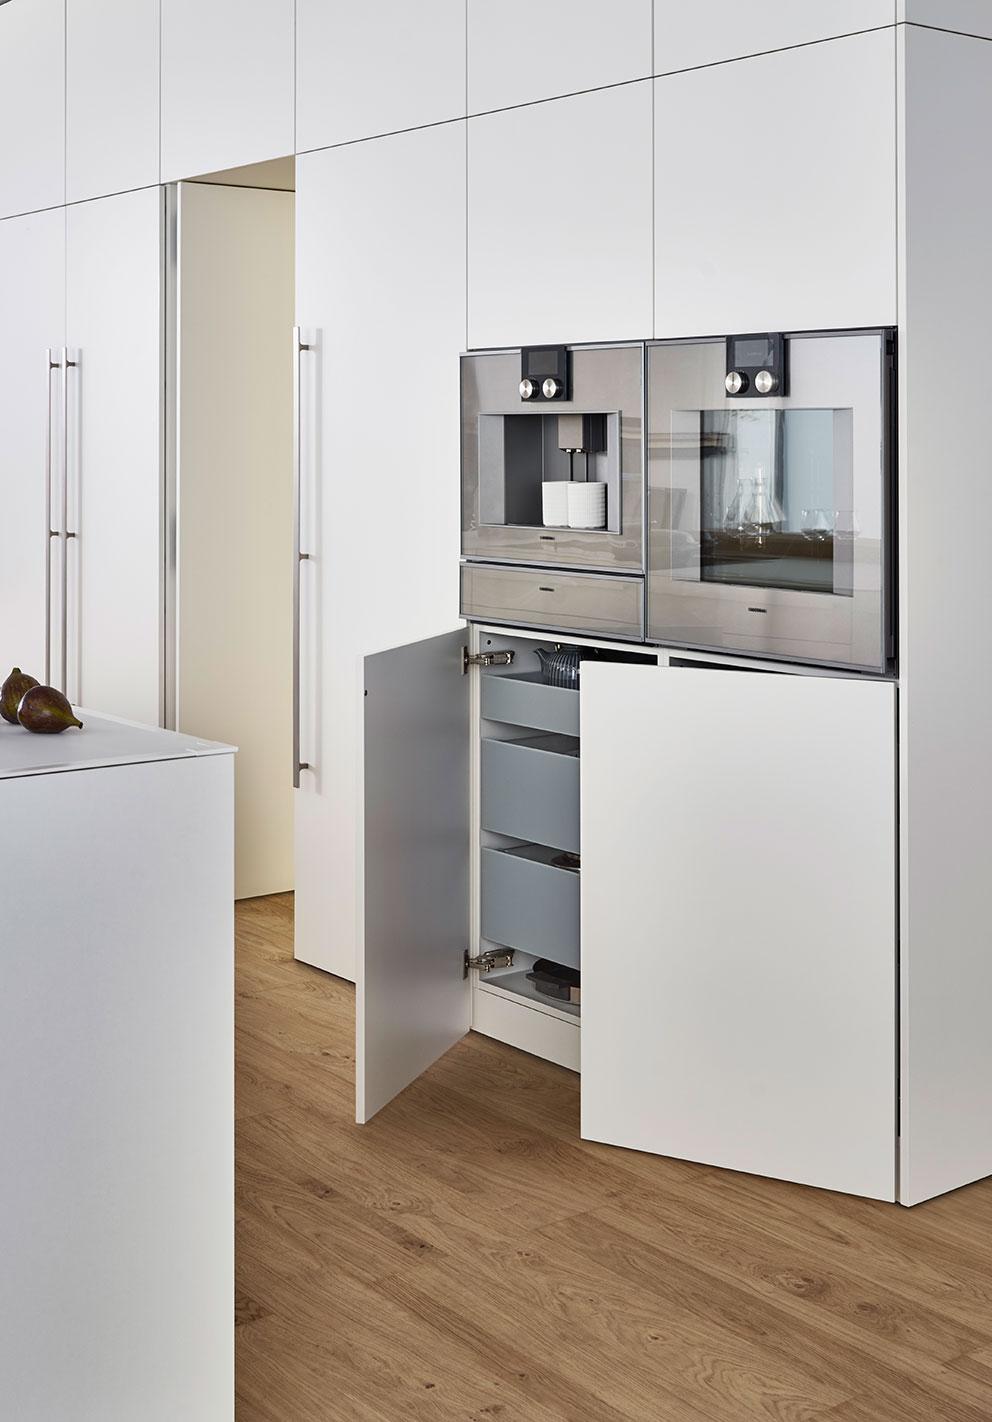 Full Size of Kchenstudio Salzburg Designerkchen Kchenplanung Inselküche Abverkauf Bad Küchen Regal Wohnzimmer Walden Küchen Abverkauf